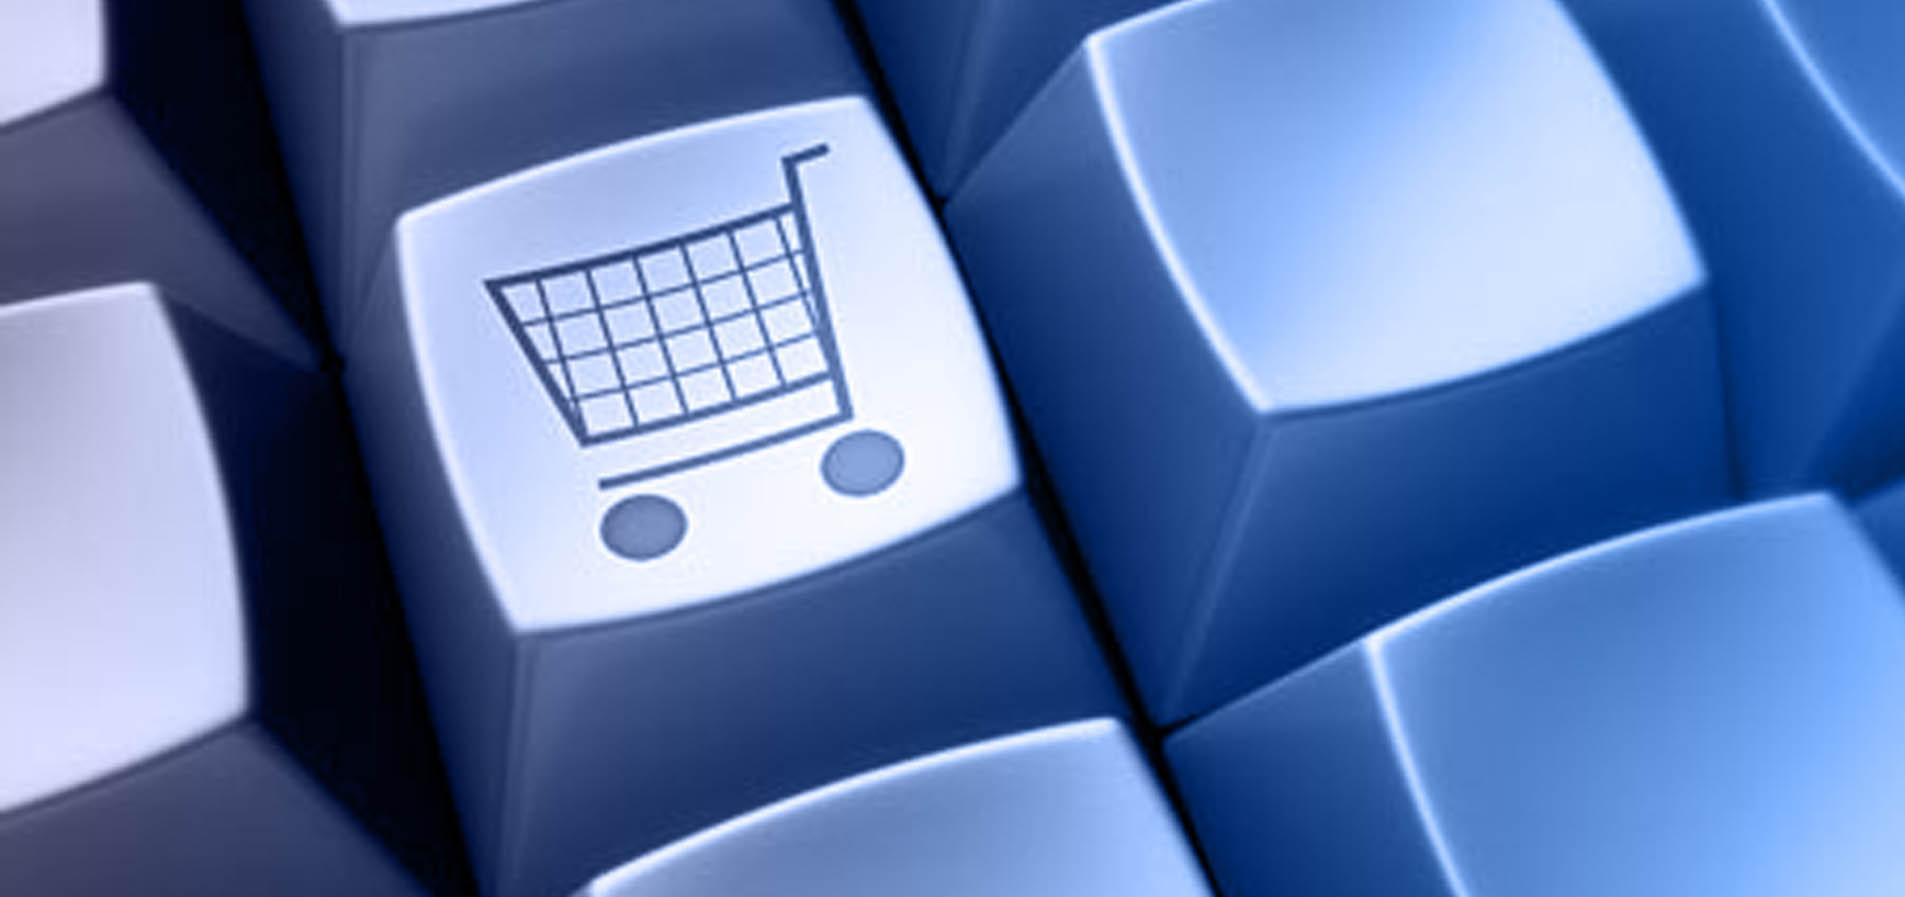 Seguridad para comprar online